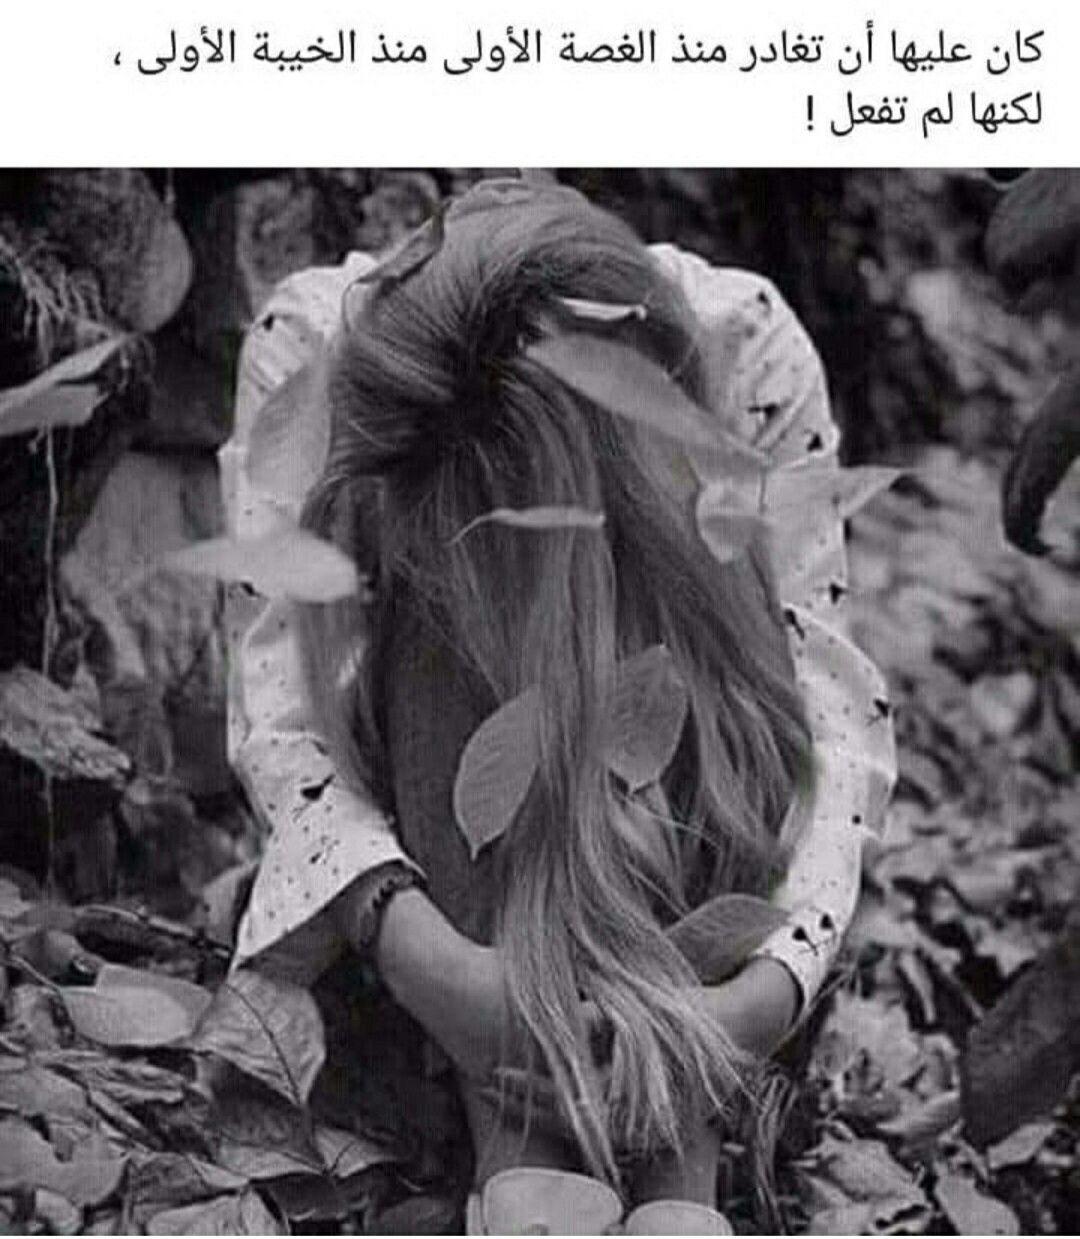 الحب و الغدر Gif Pictures Arabic Quotes Petite Fille